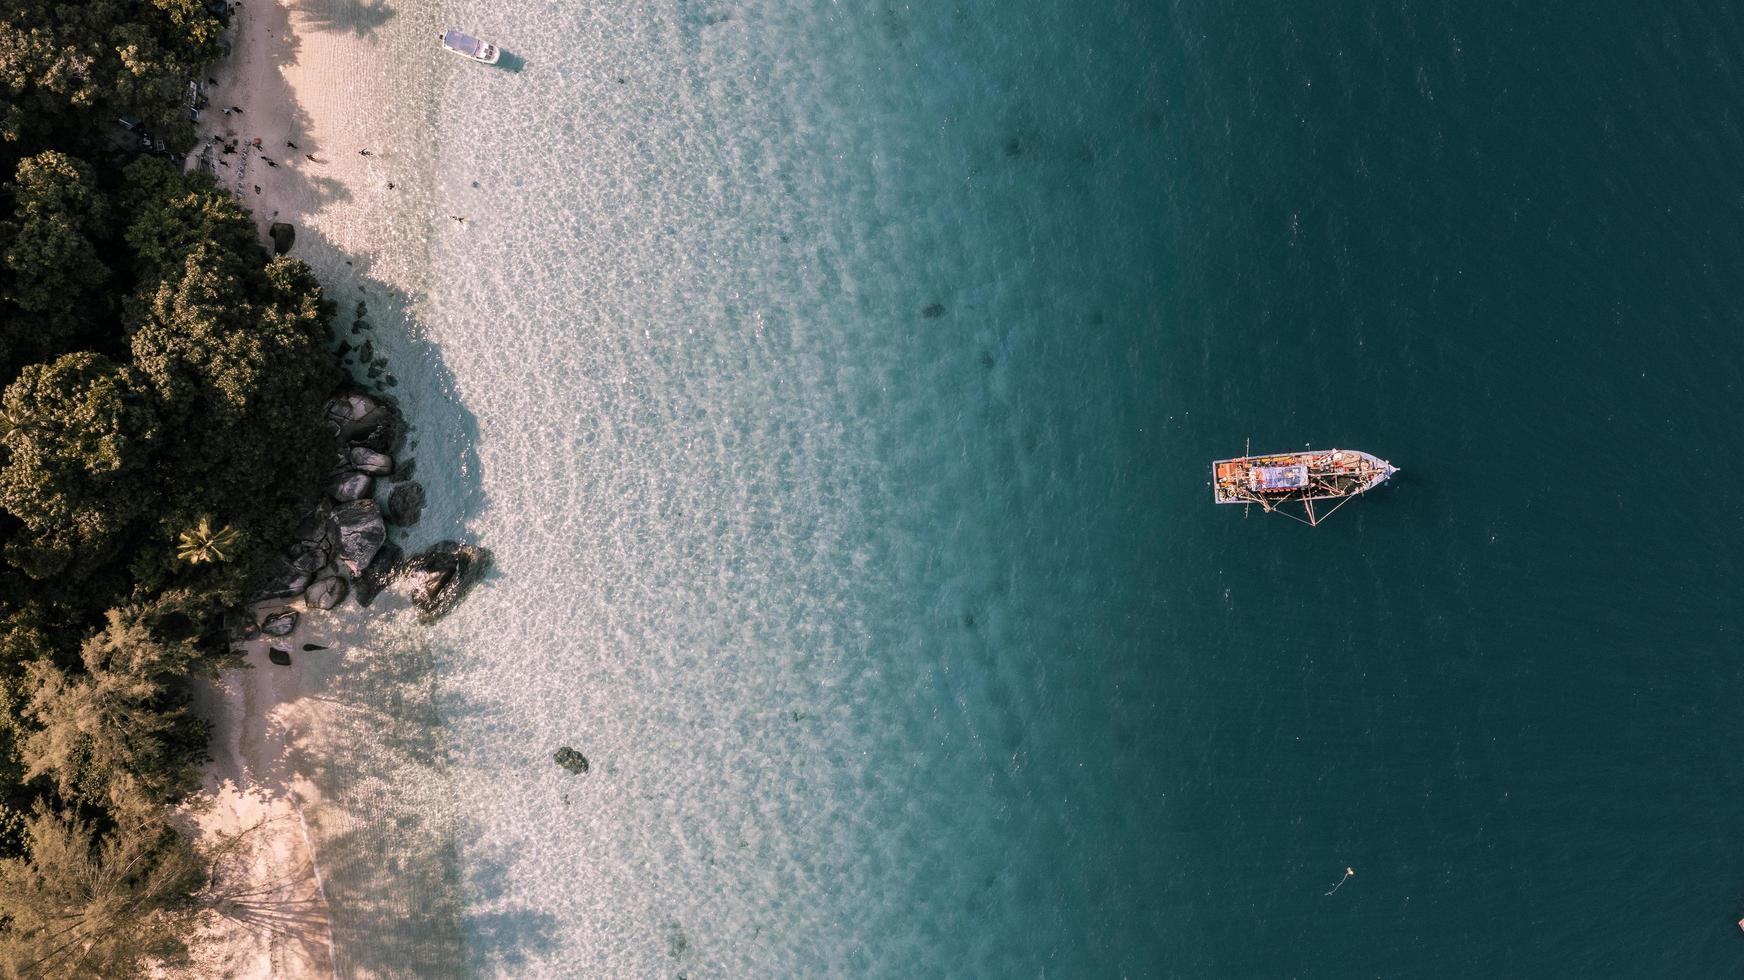 vista aerea della barca nell'oceano vicino a una spiaggia foto